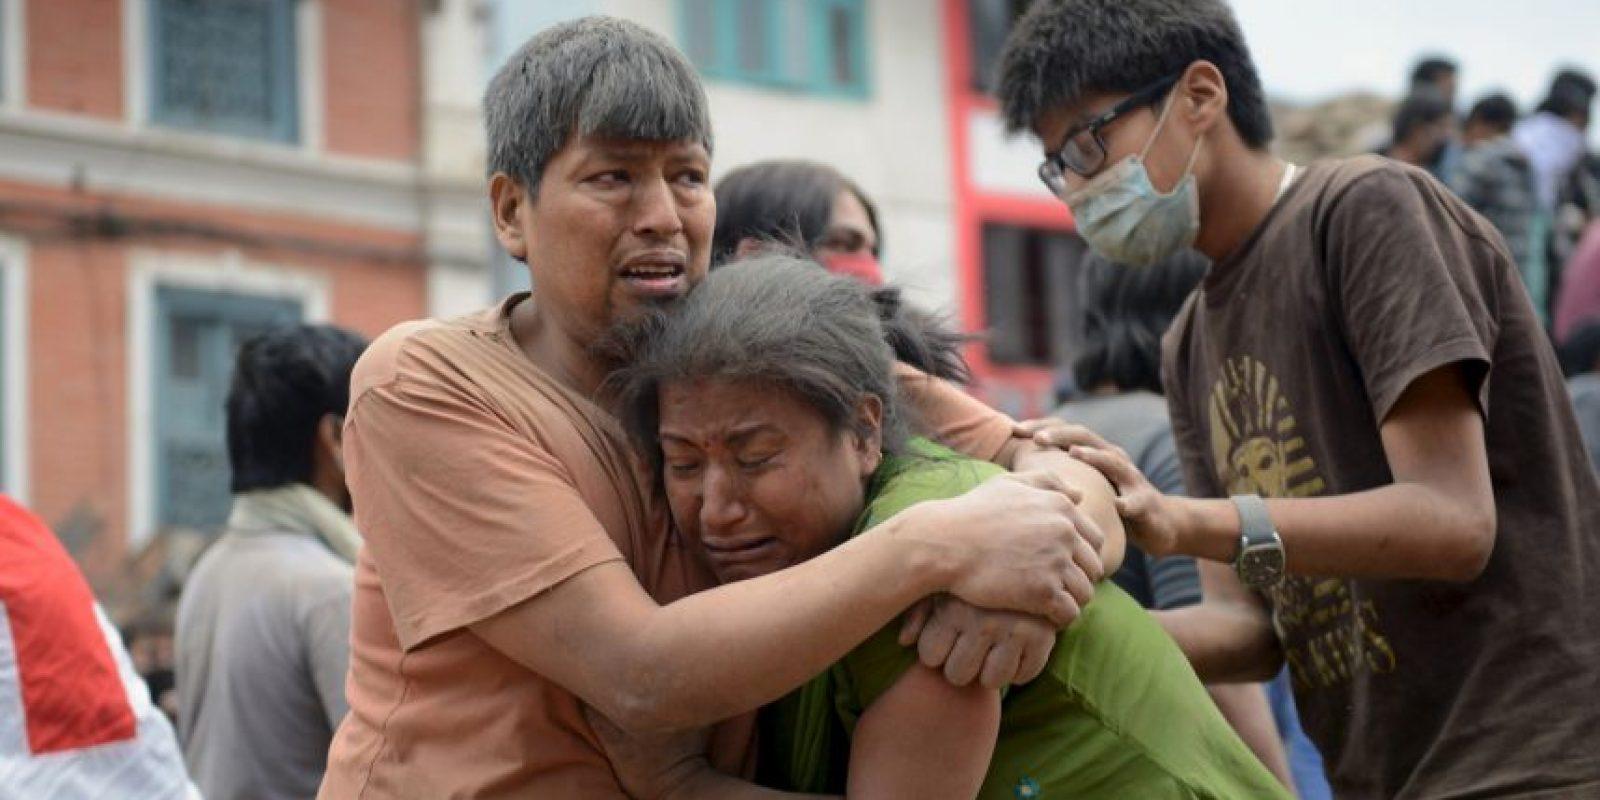 El terremoto que ocurrió esta mañana en Nepal tuvo una magnitud de 7,8 grados en la escala de Richter. Foto:vía AP